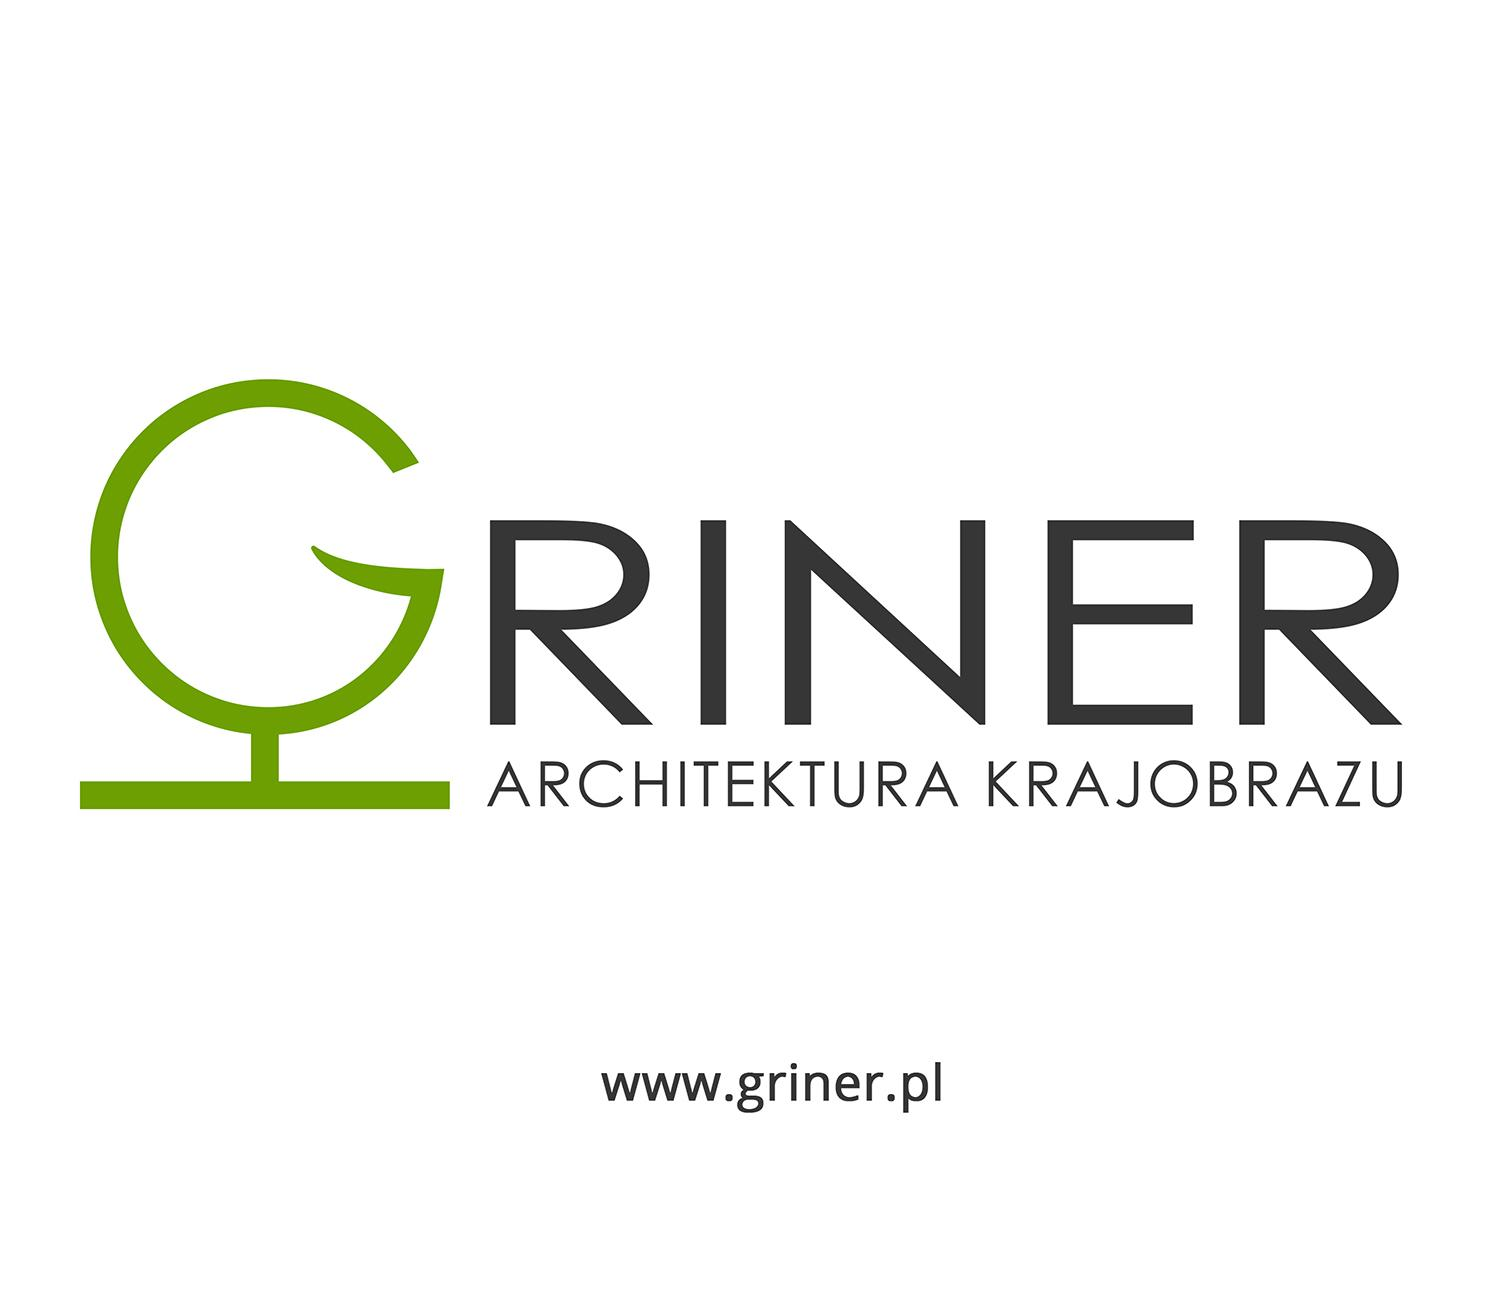 Urządzamy By Cieszyć Griner Architektura Krajobrazu Warszawa I